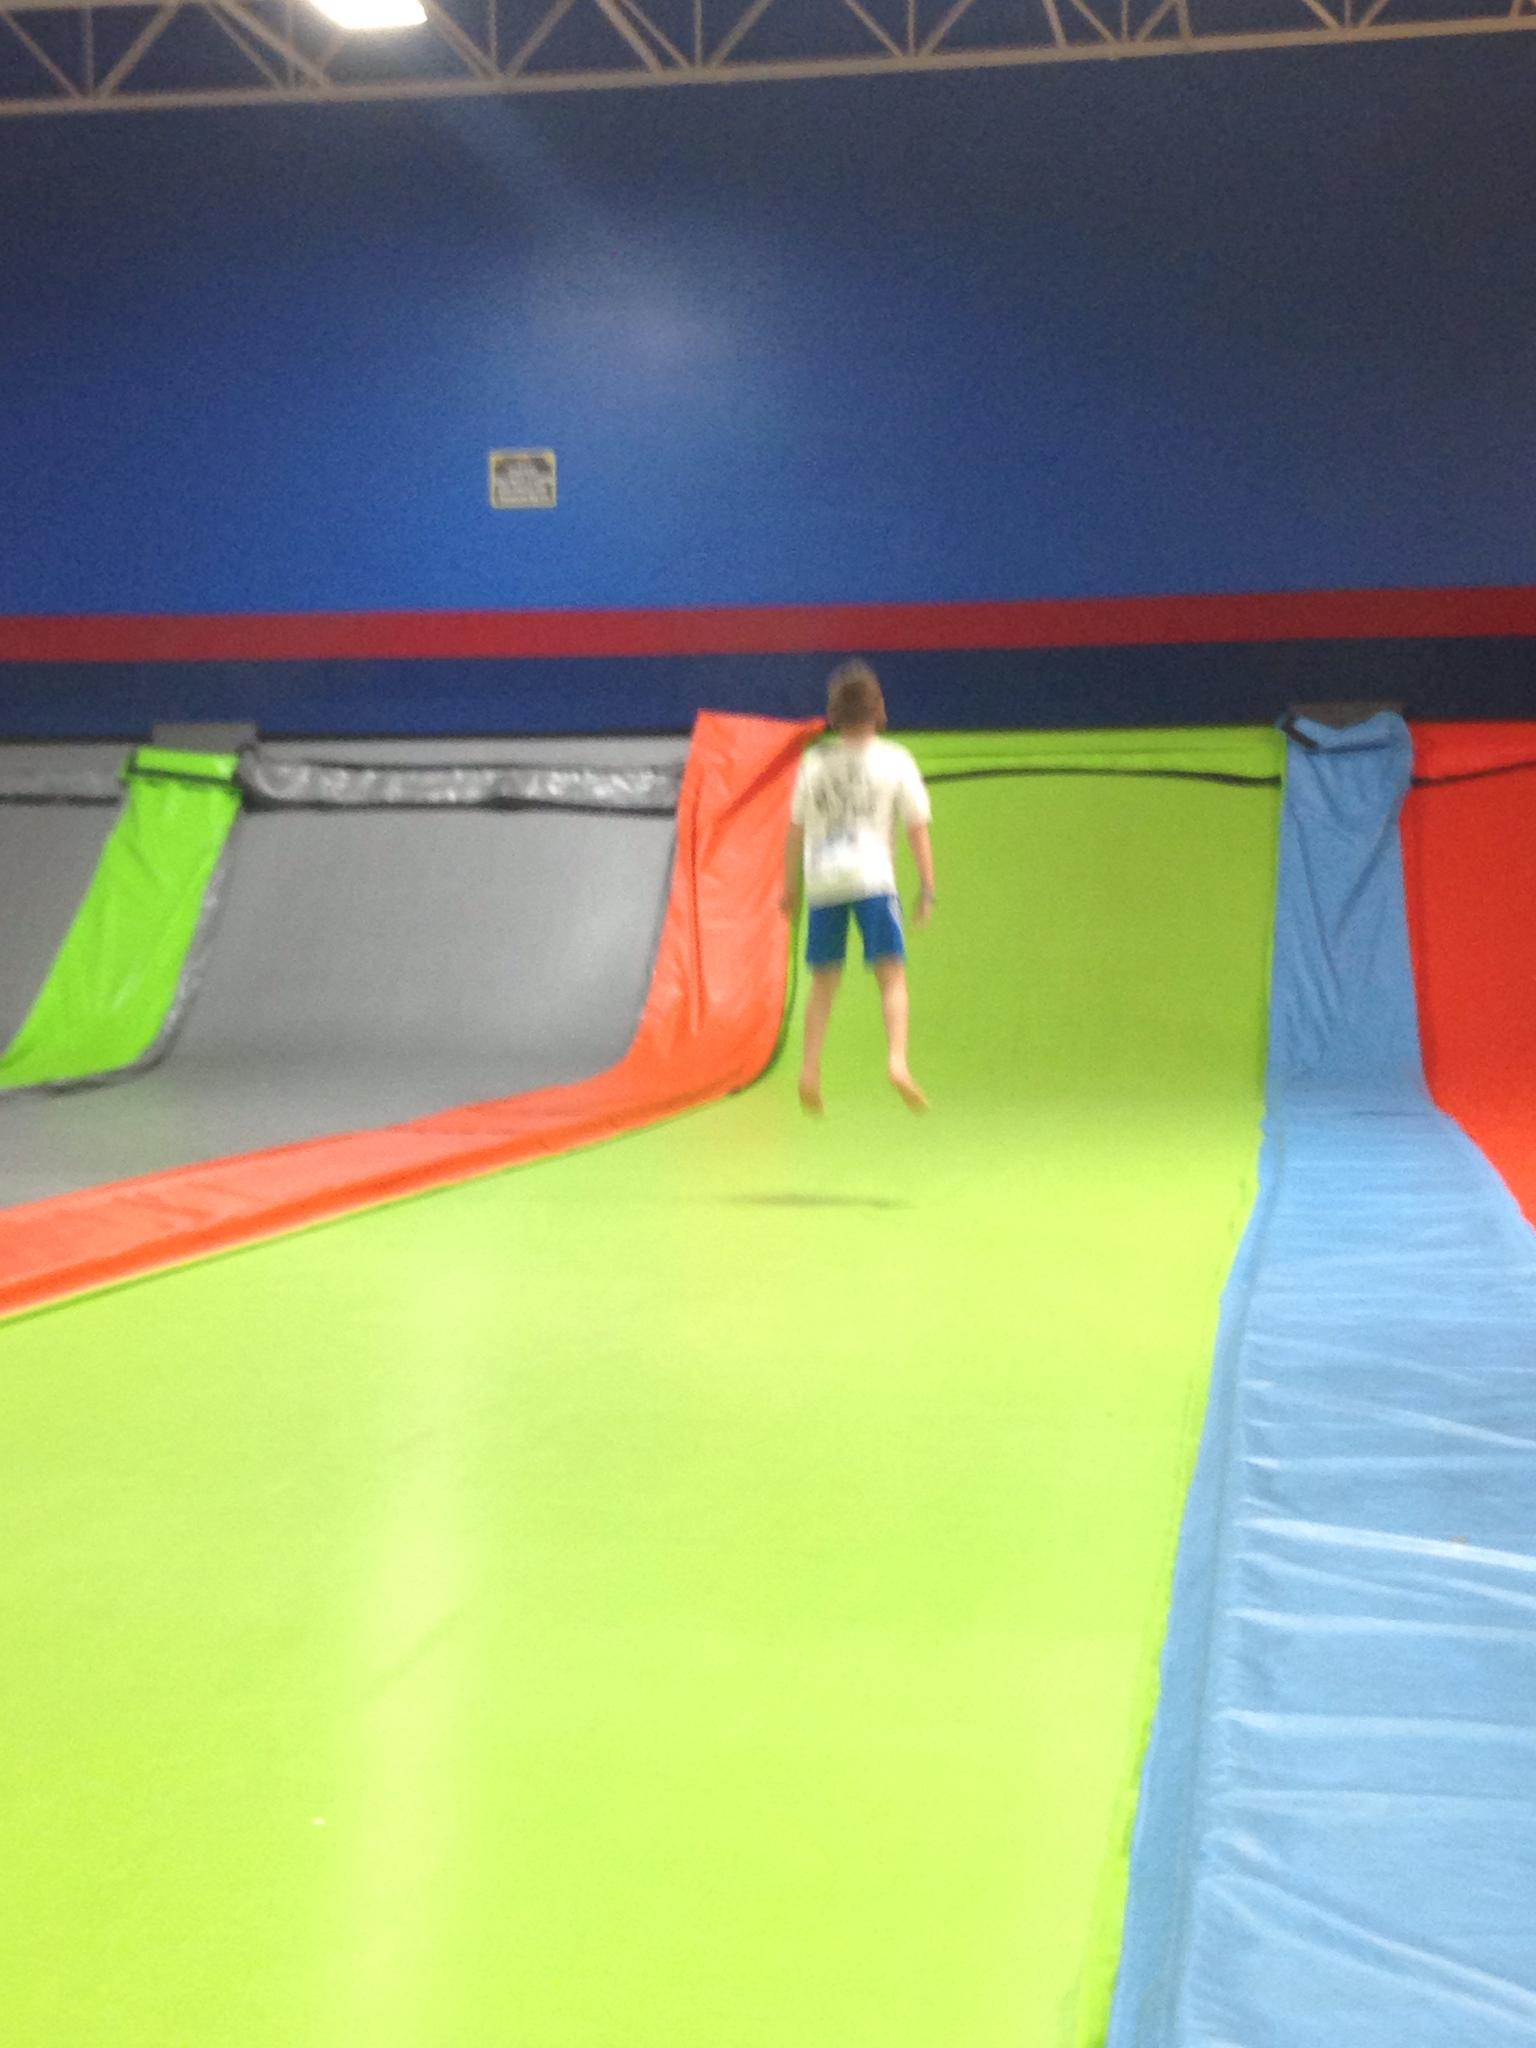 Jumpstreet Indoor Trampoline Park 5900 Sugarloaf Pkwy Ste 164